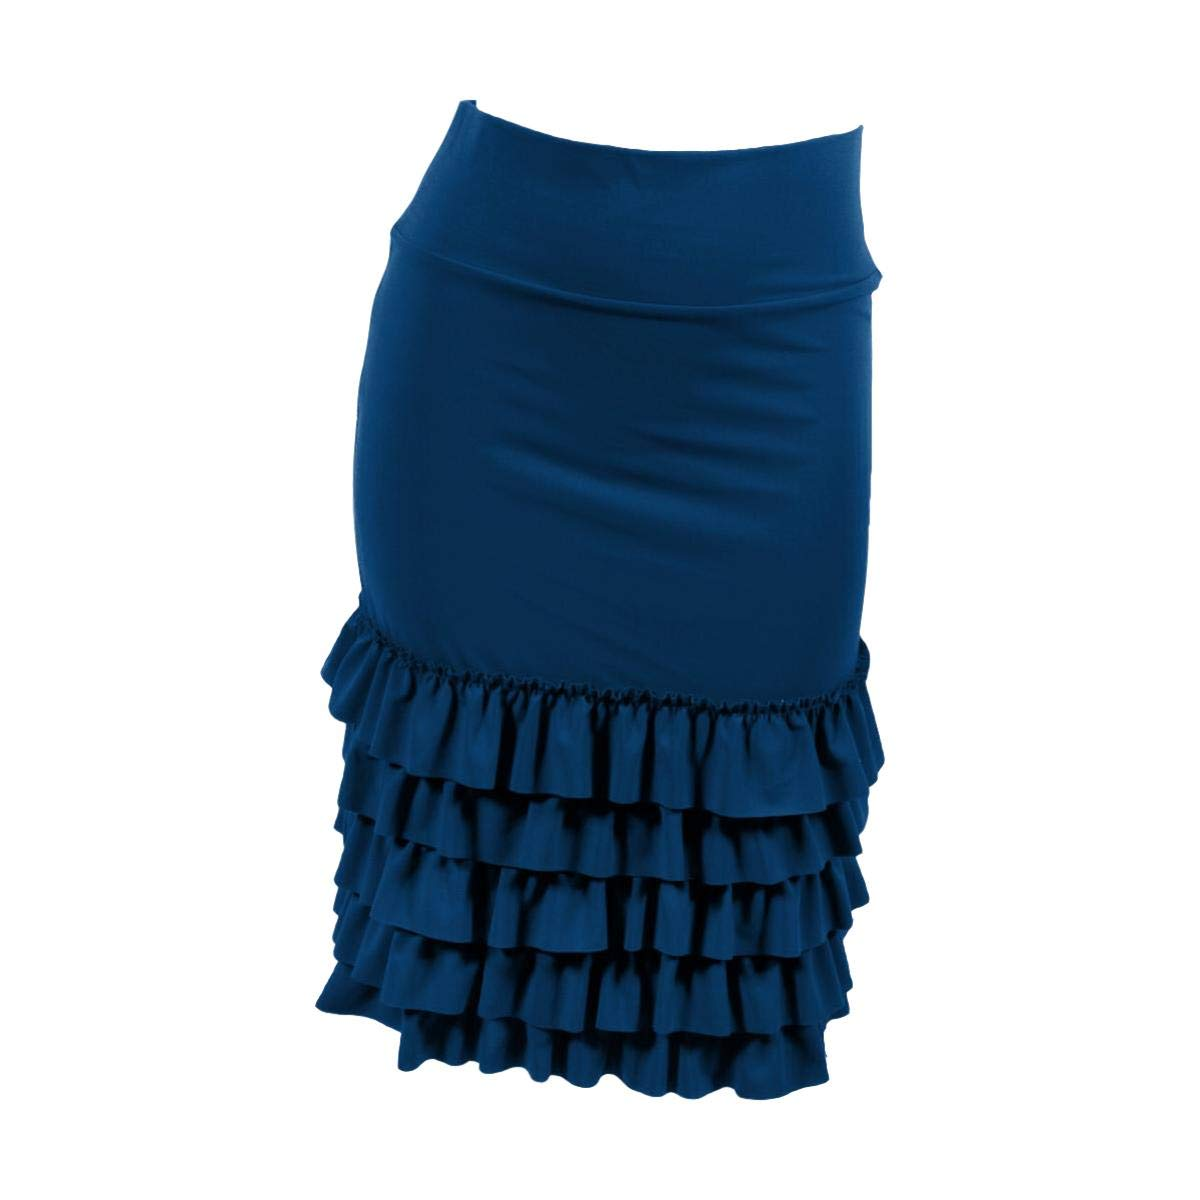 Peekaboo-Chic Bring on The Frill Half Slip Skirt Extender (l/XL, Navy)